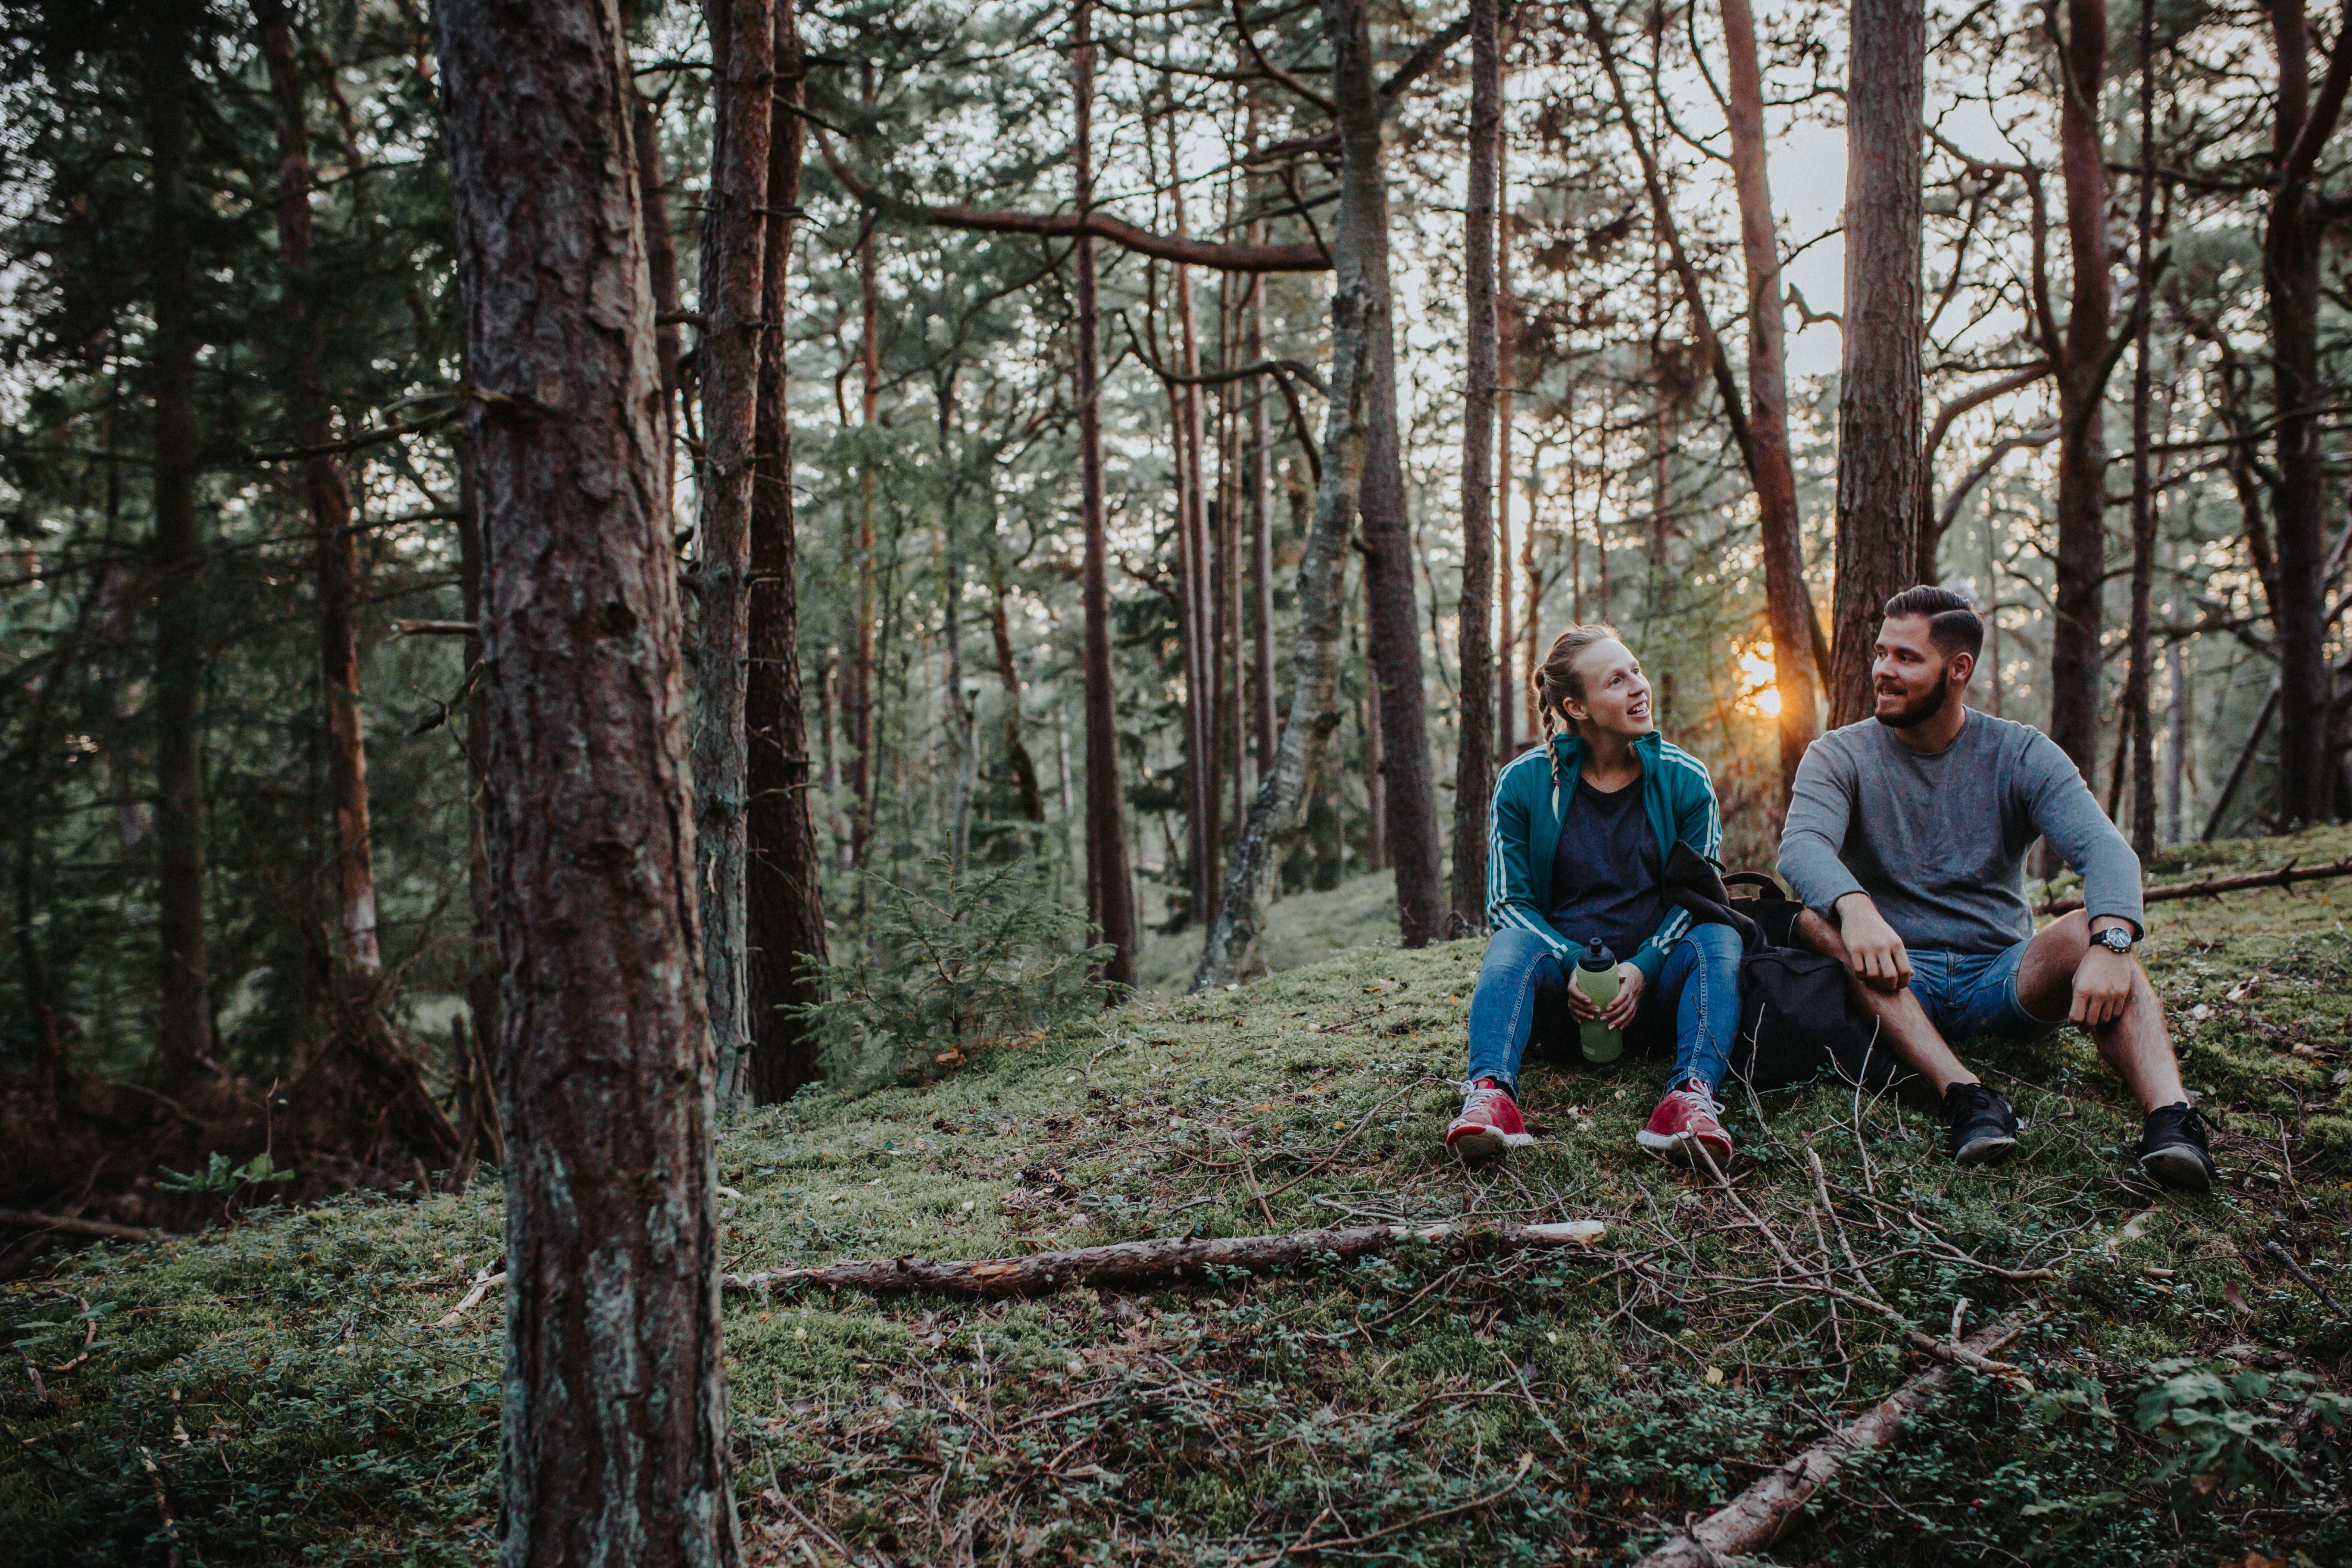 © Lena Evertsson, Strövområdet Djurholmen